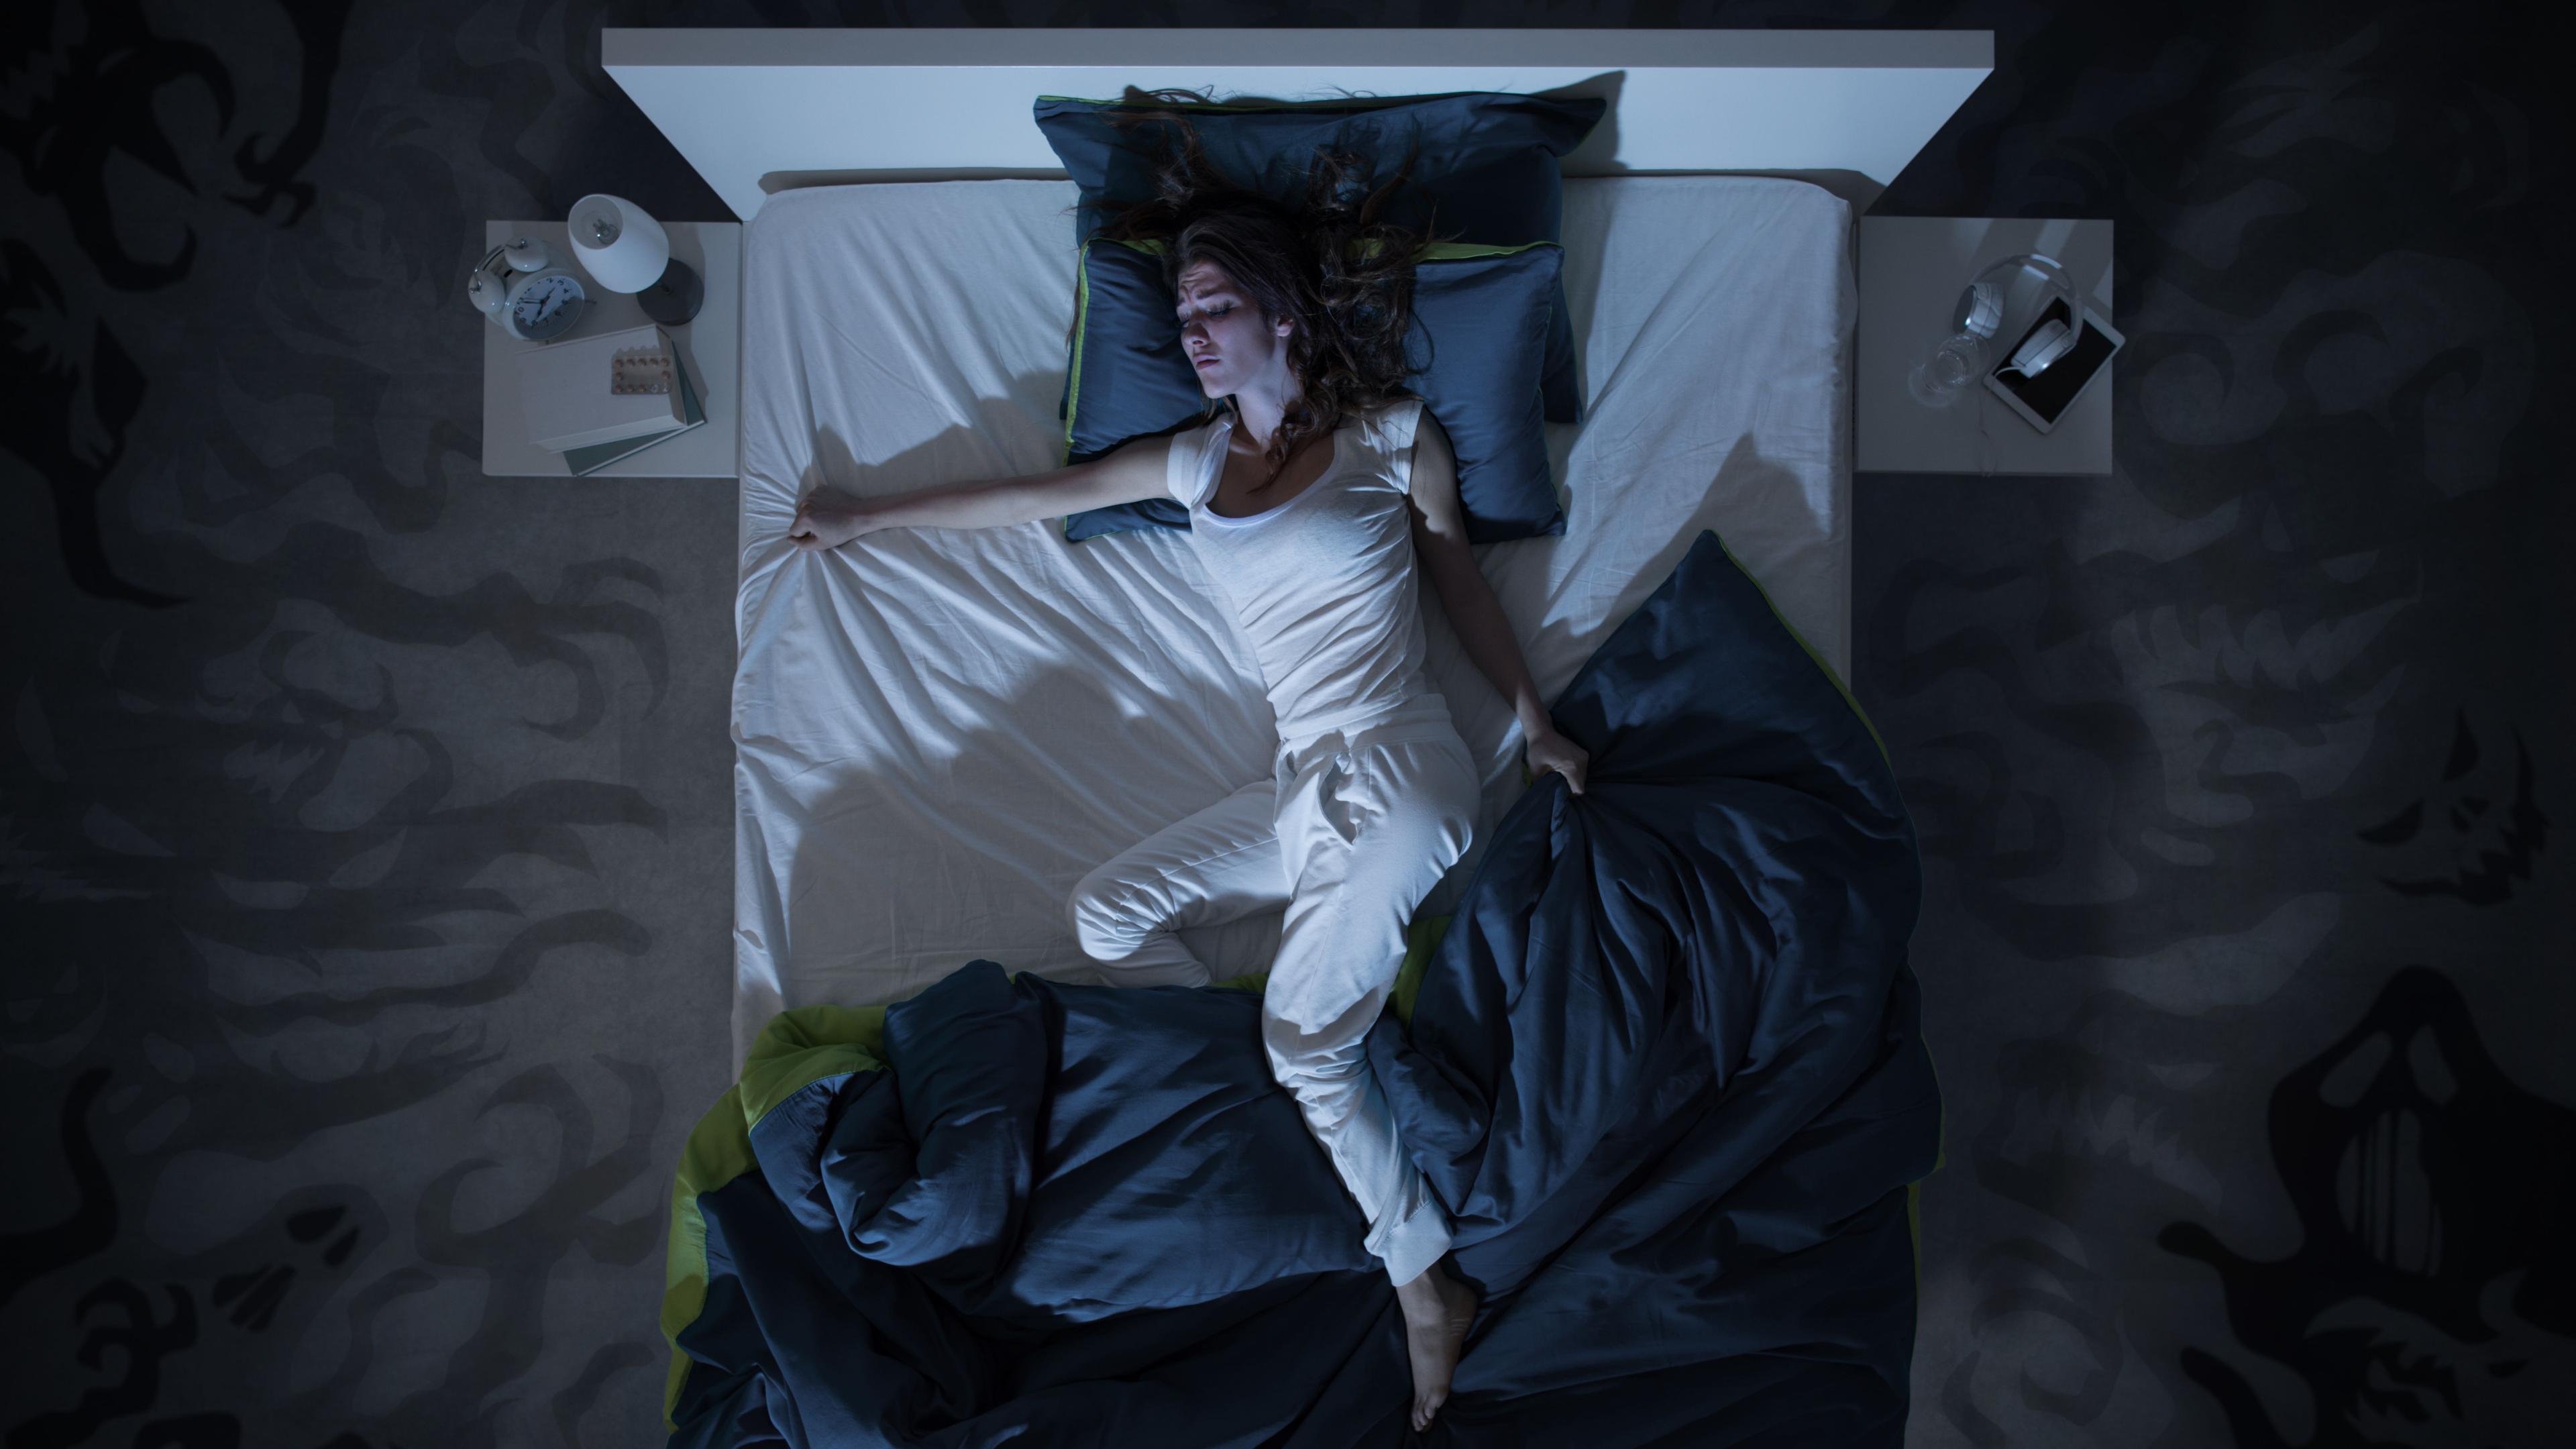 Коронавирус и сон: как изоляция влияет на сновидения